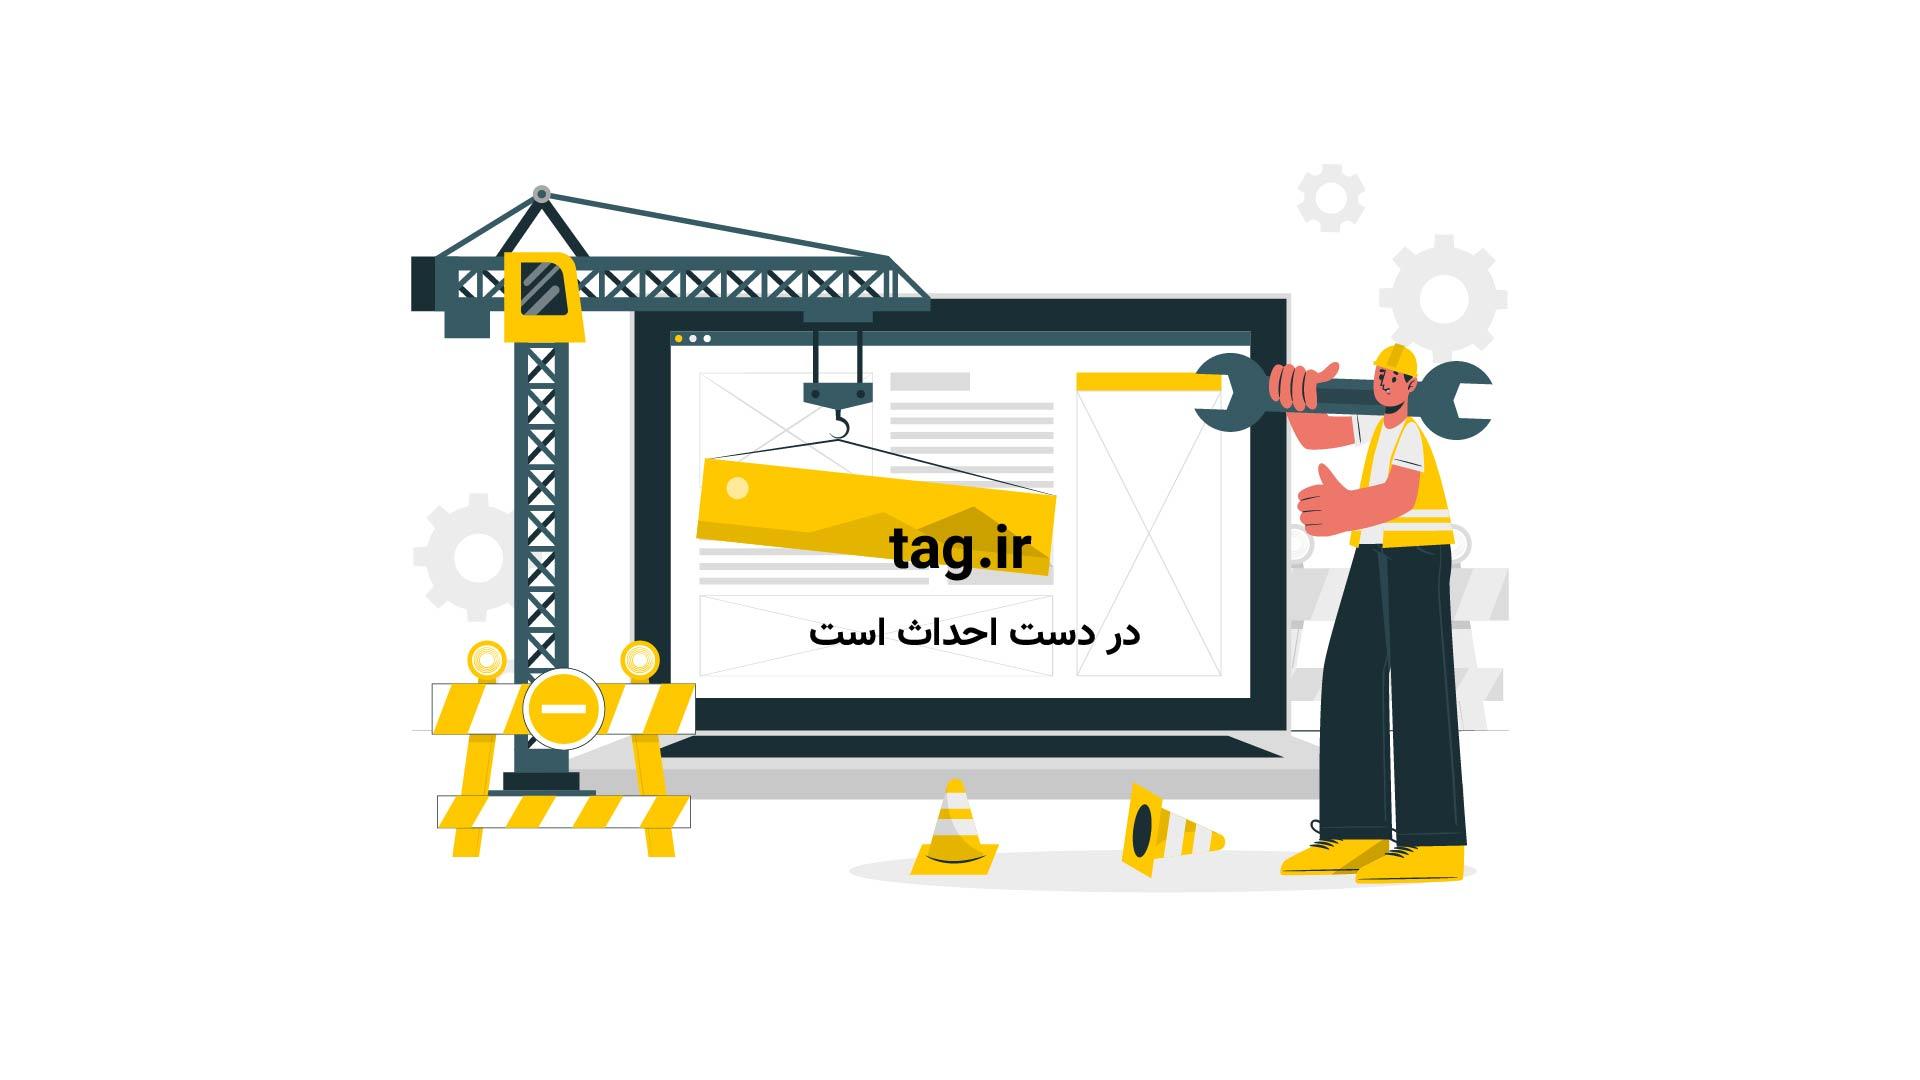 نرم افزار اندرویدی انتقال فایل ها با سرعت بالا